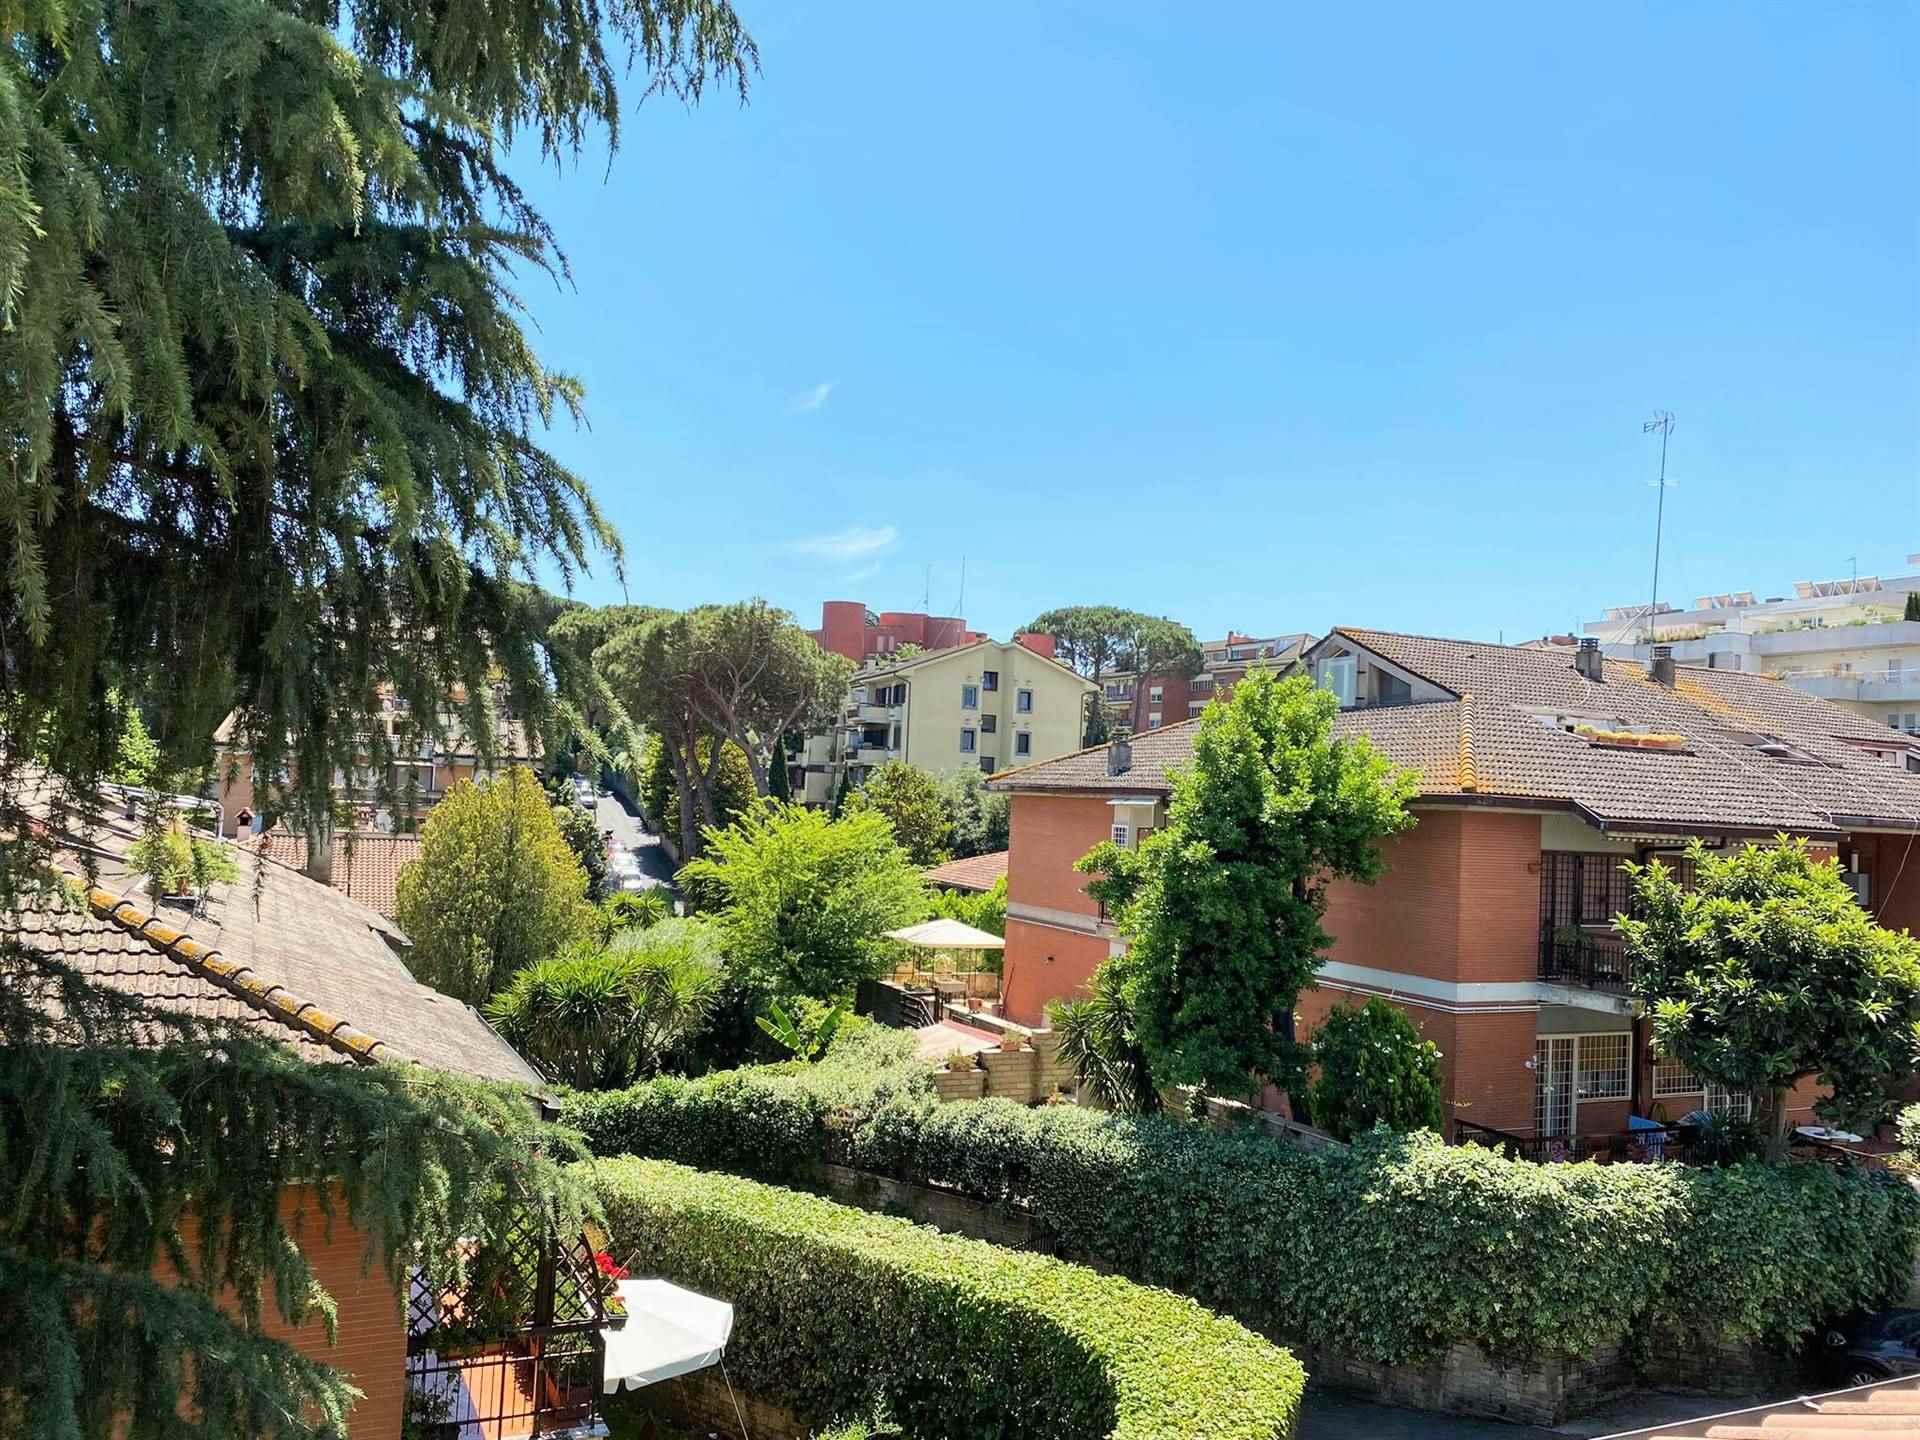 Appartamento in vendita a Roma, 2 locali, zona Zona: 42 . Cassia - Olgiata, prezzo € 165.000   CambioCasa.it